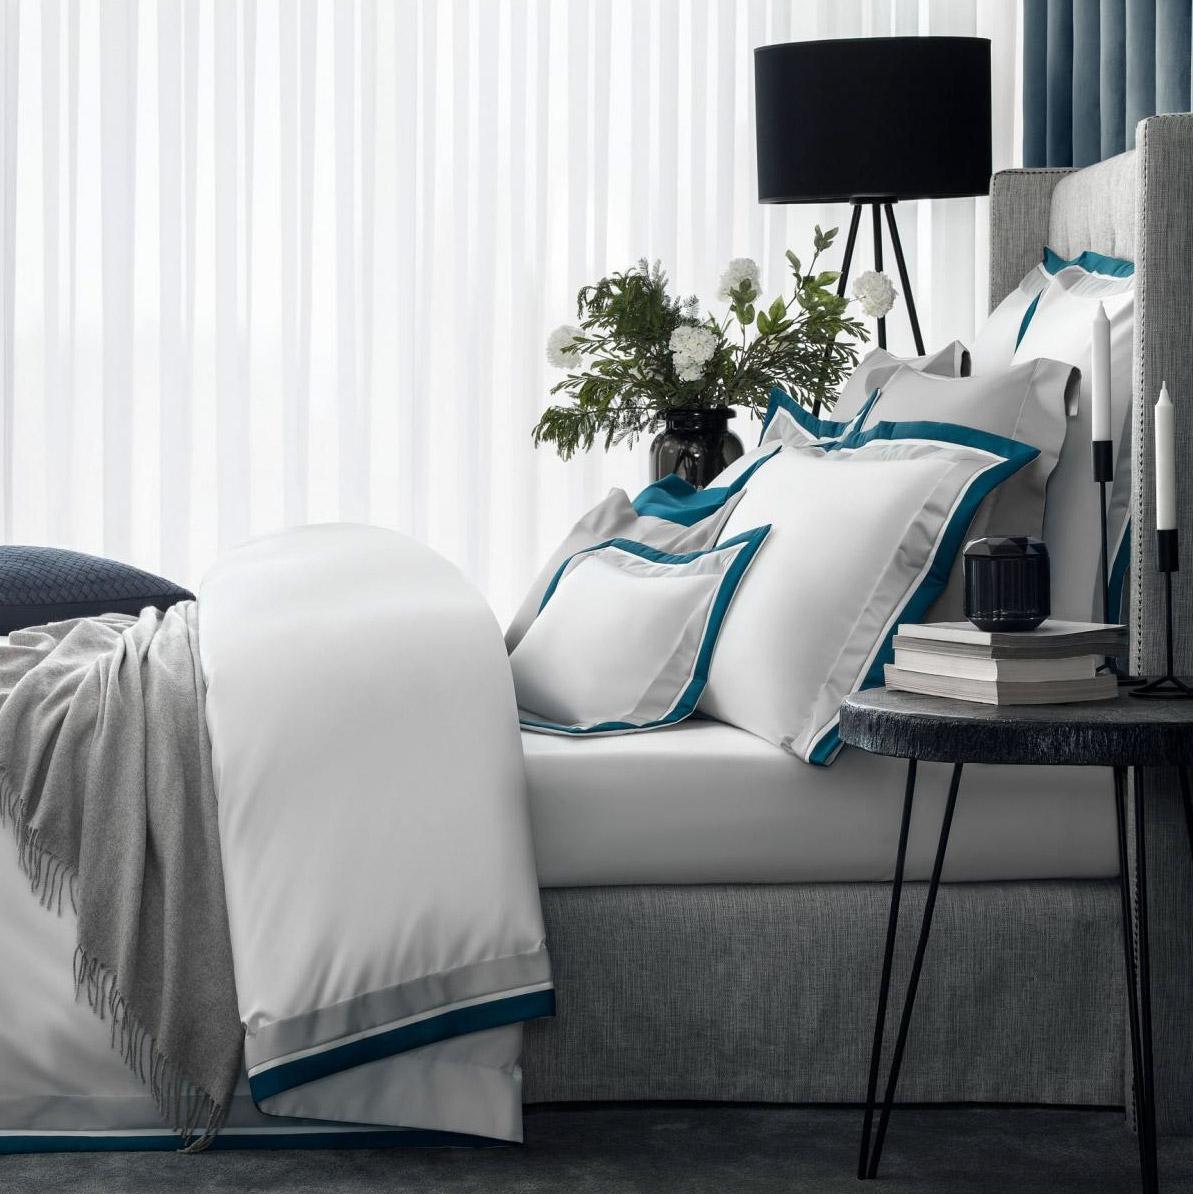 Постельный комплект Togas паллада синий/серый семейный